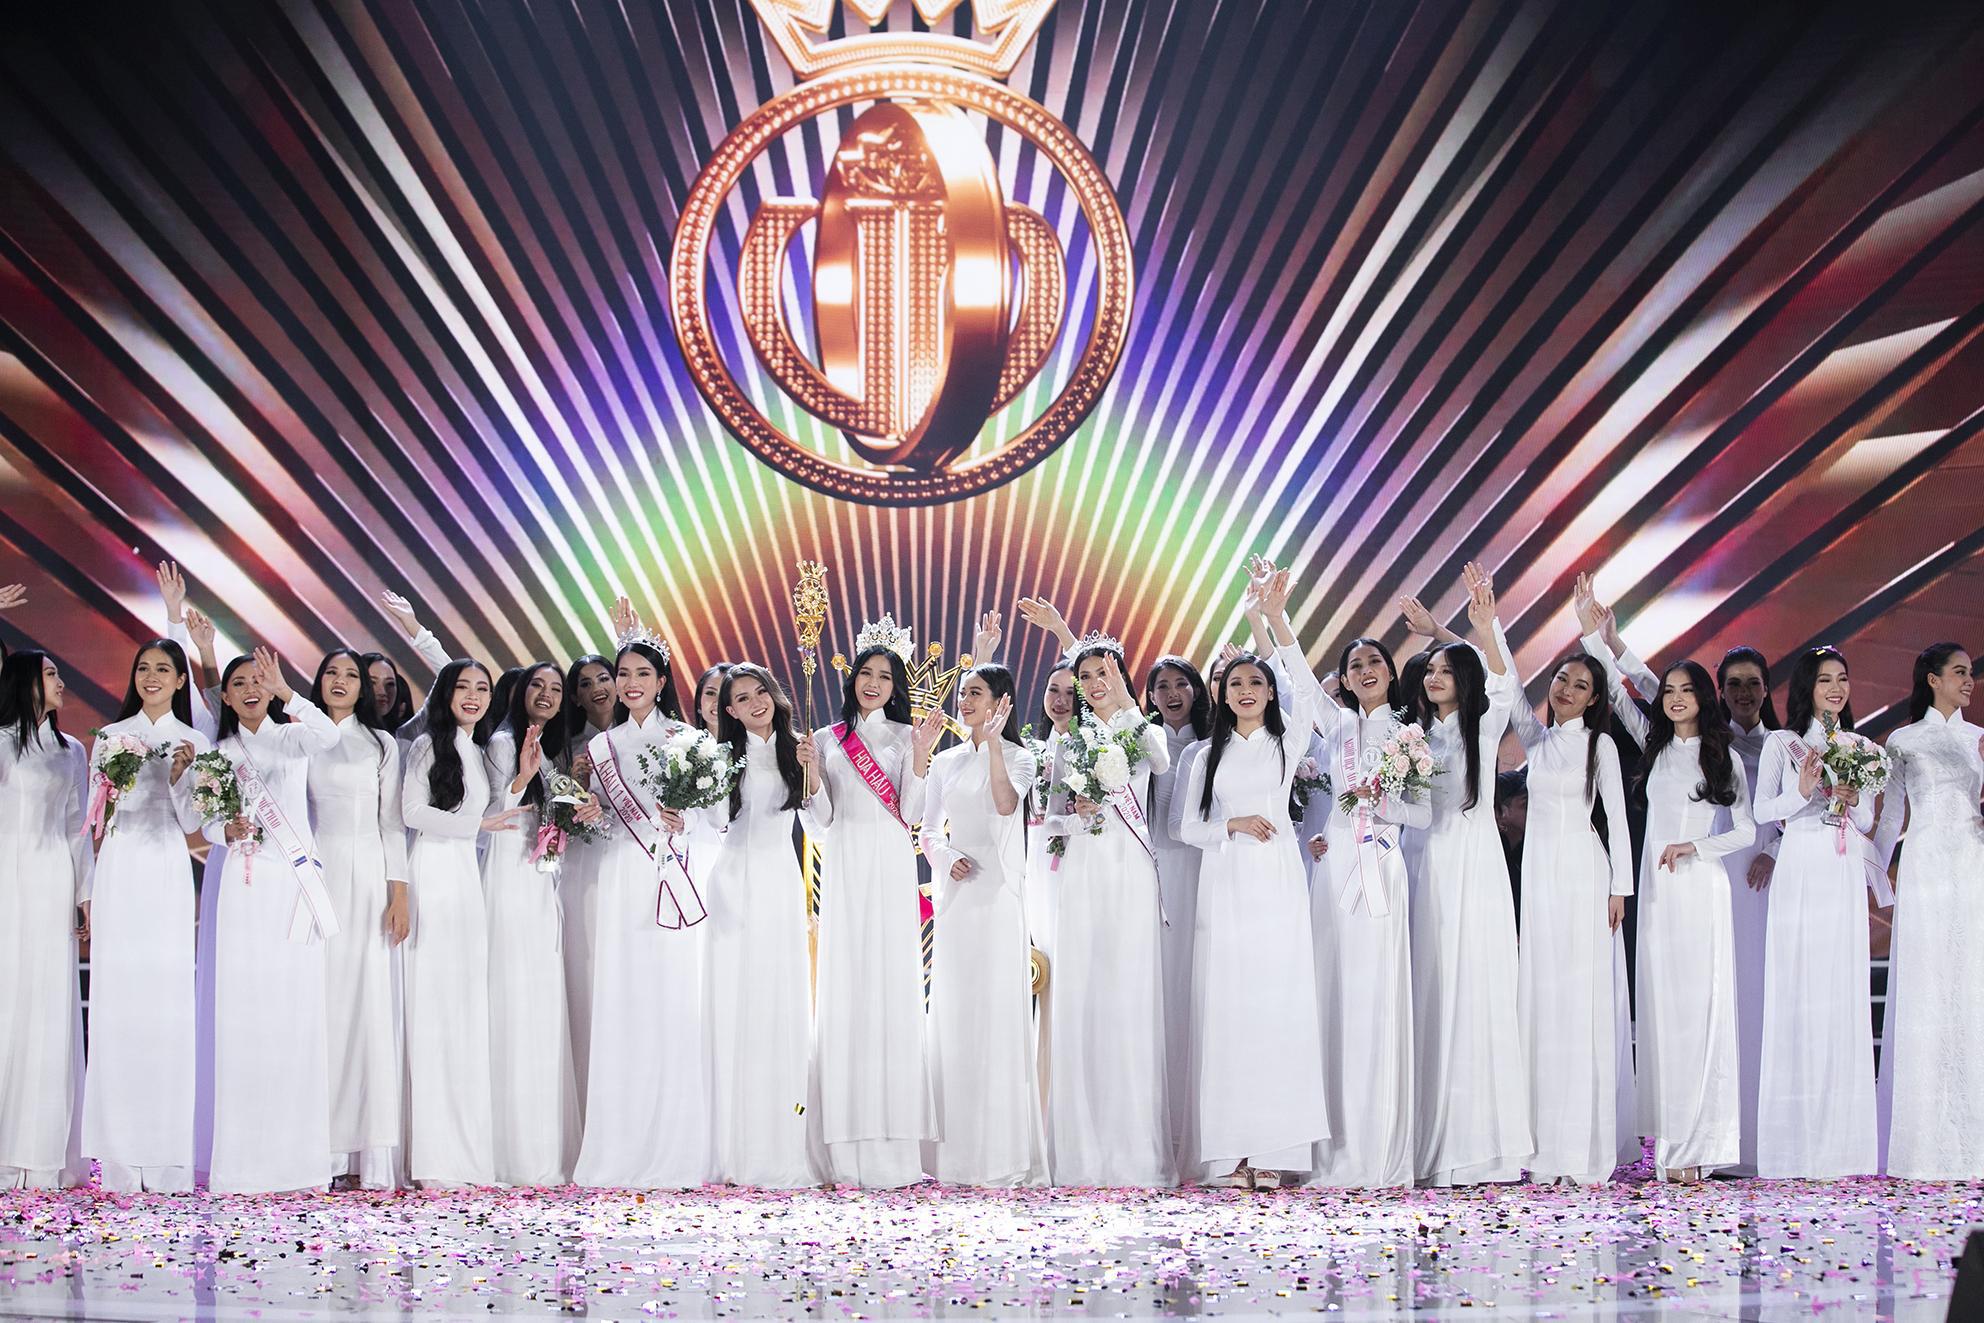 Go Spring đồng hành cùng Hoa hậu Việt Nam 2020 tại đêm Chung kết - Đêm bùng nổ của thập kỷ hương sắc mới - Ảnh 4.